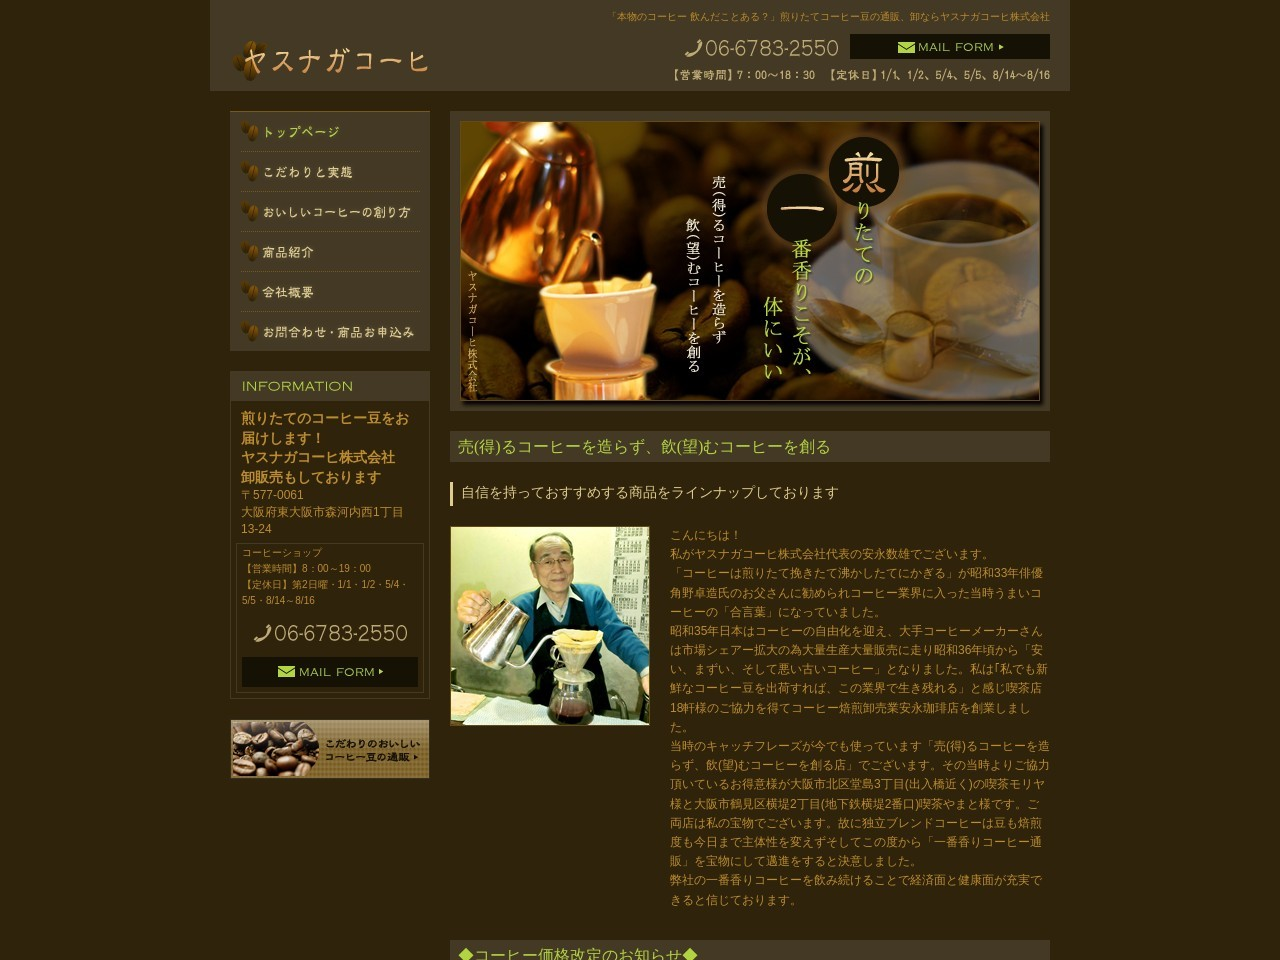 煎りたてのコーヒー豆 卸します!ヤスナガコーヒ株式会社